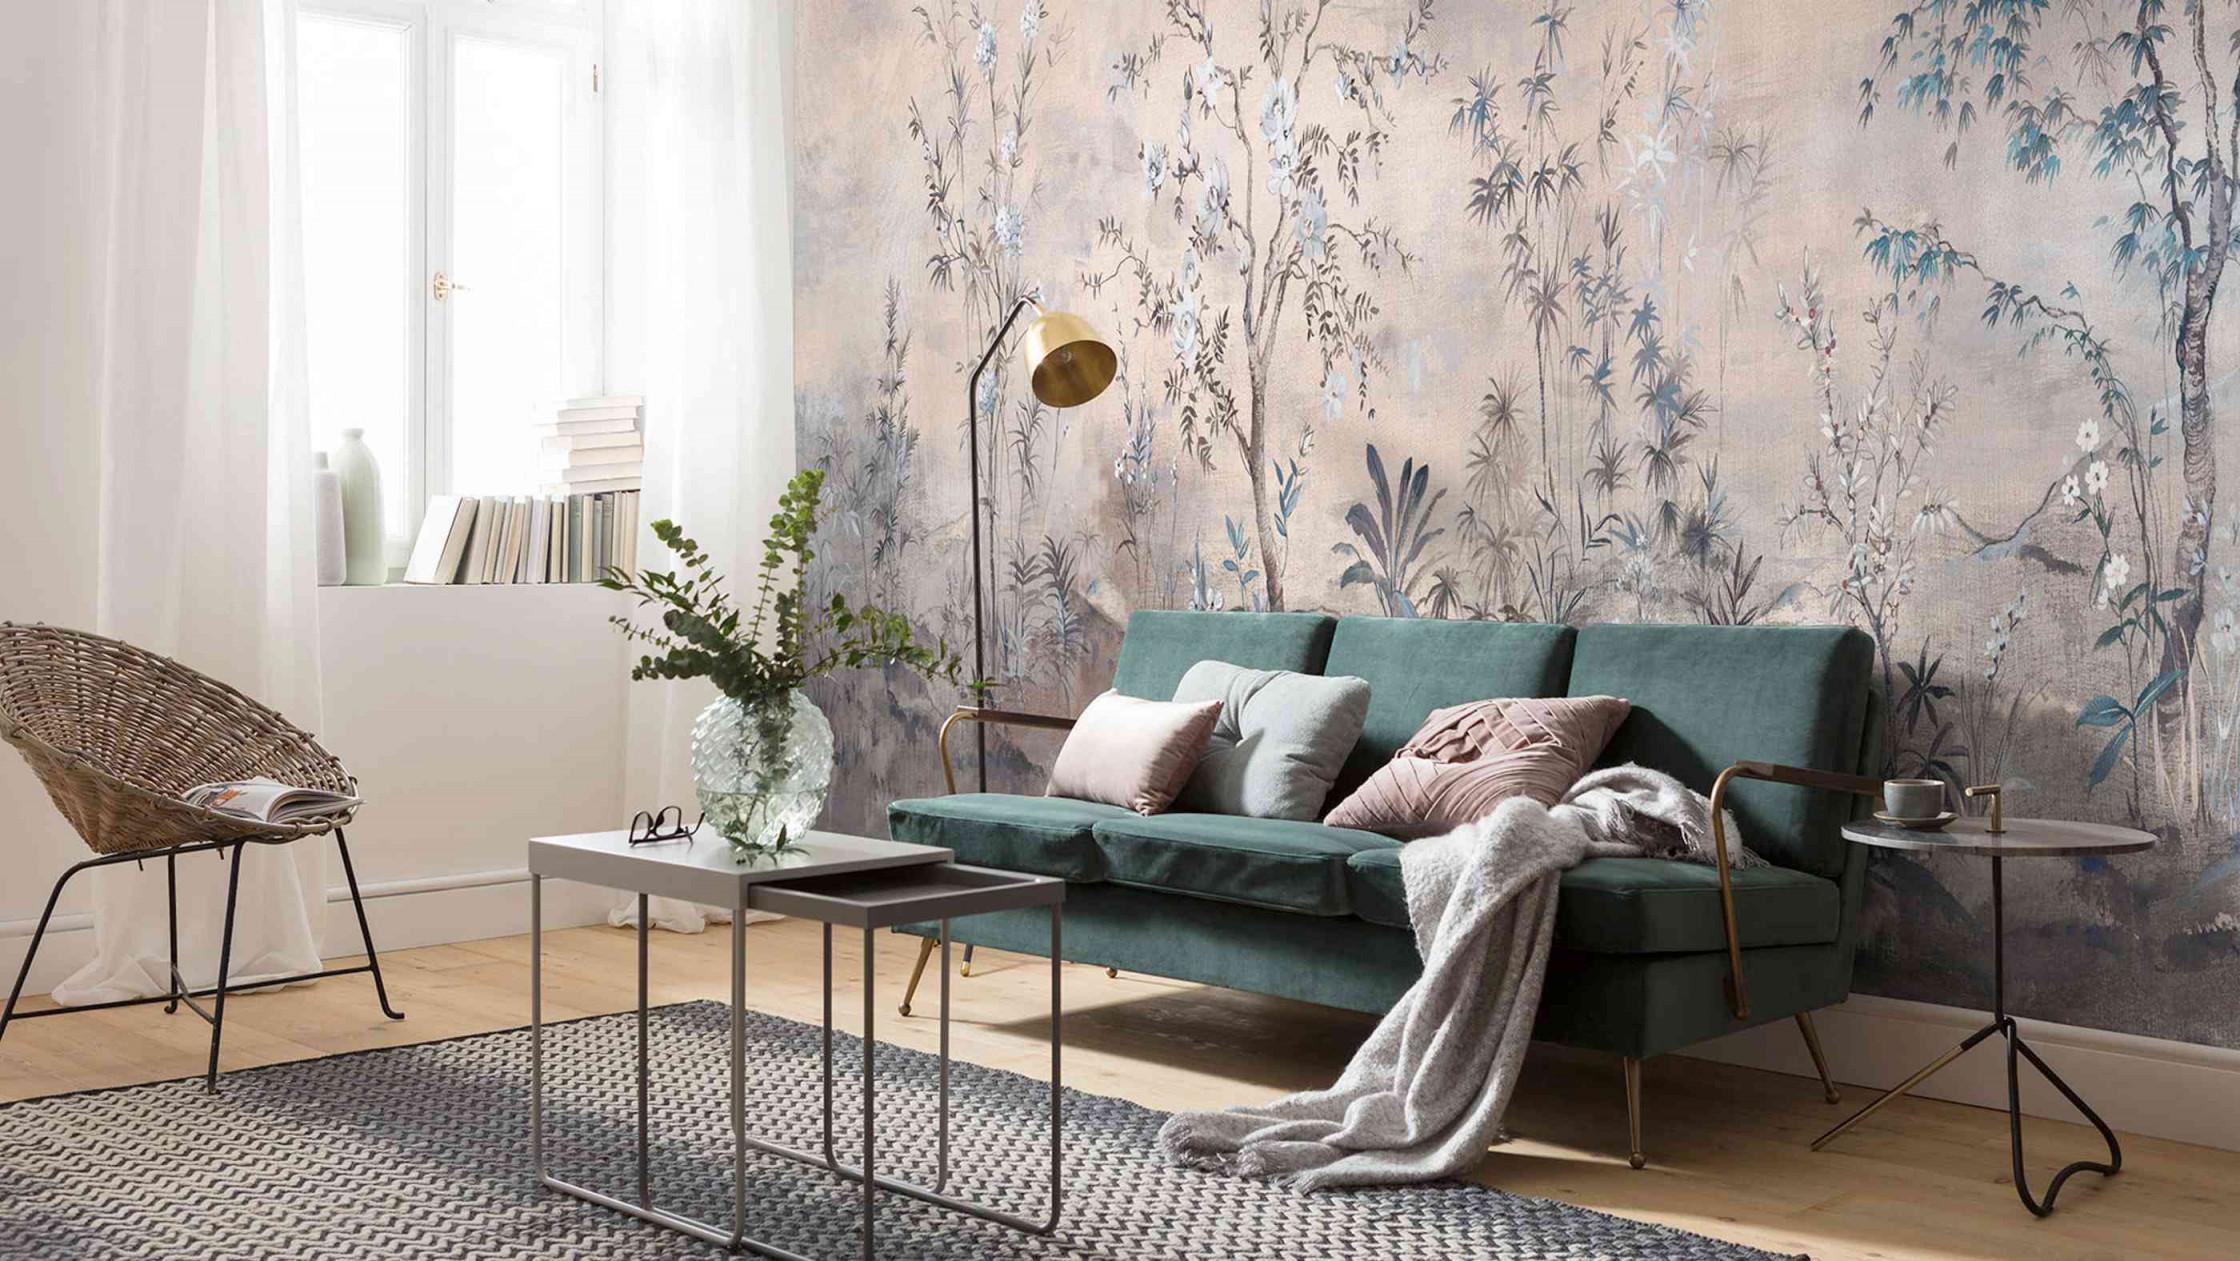 Tapetentrends 2020 So Sehen Die Tapeten Der Zukunft Aus von Tapeten Für Das Wohnzimmer Photo